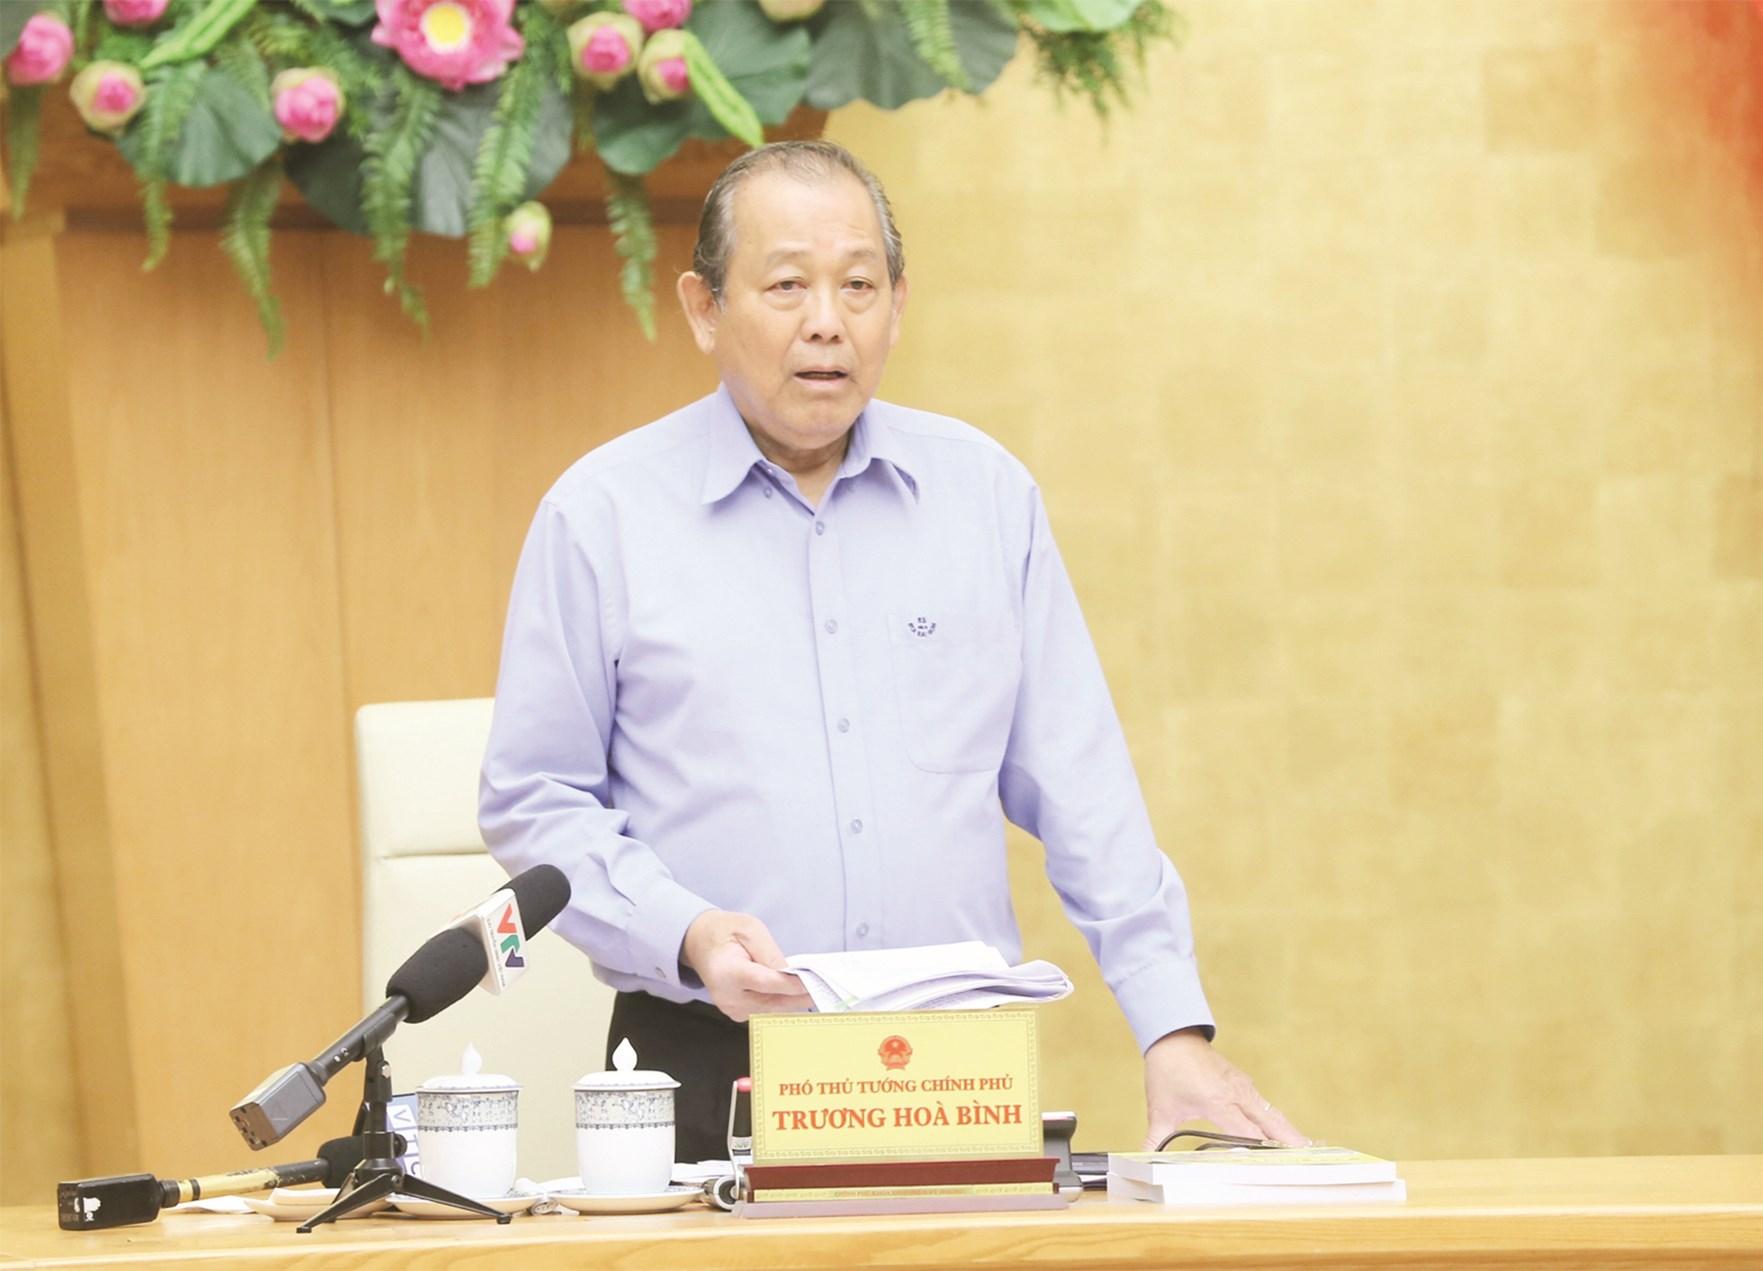 Phó Thủ tướng Thường trực Trương Hòa Bình phát biểu chỉ đạo tại Hội nghị.